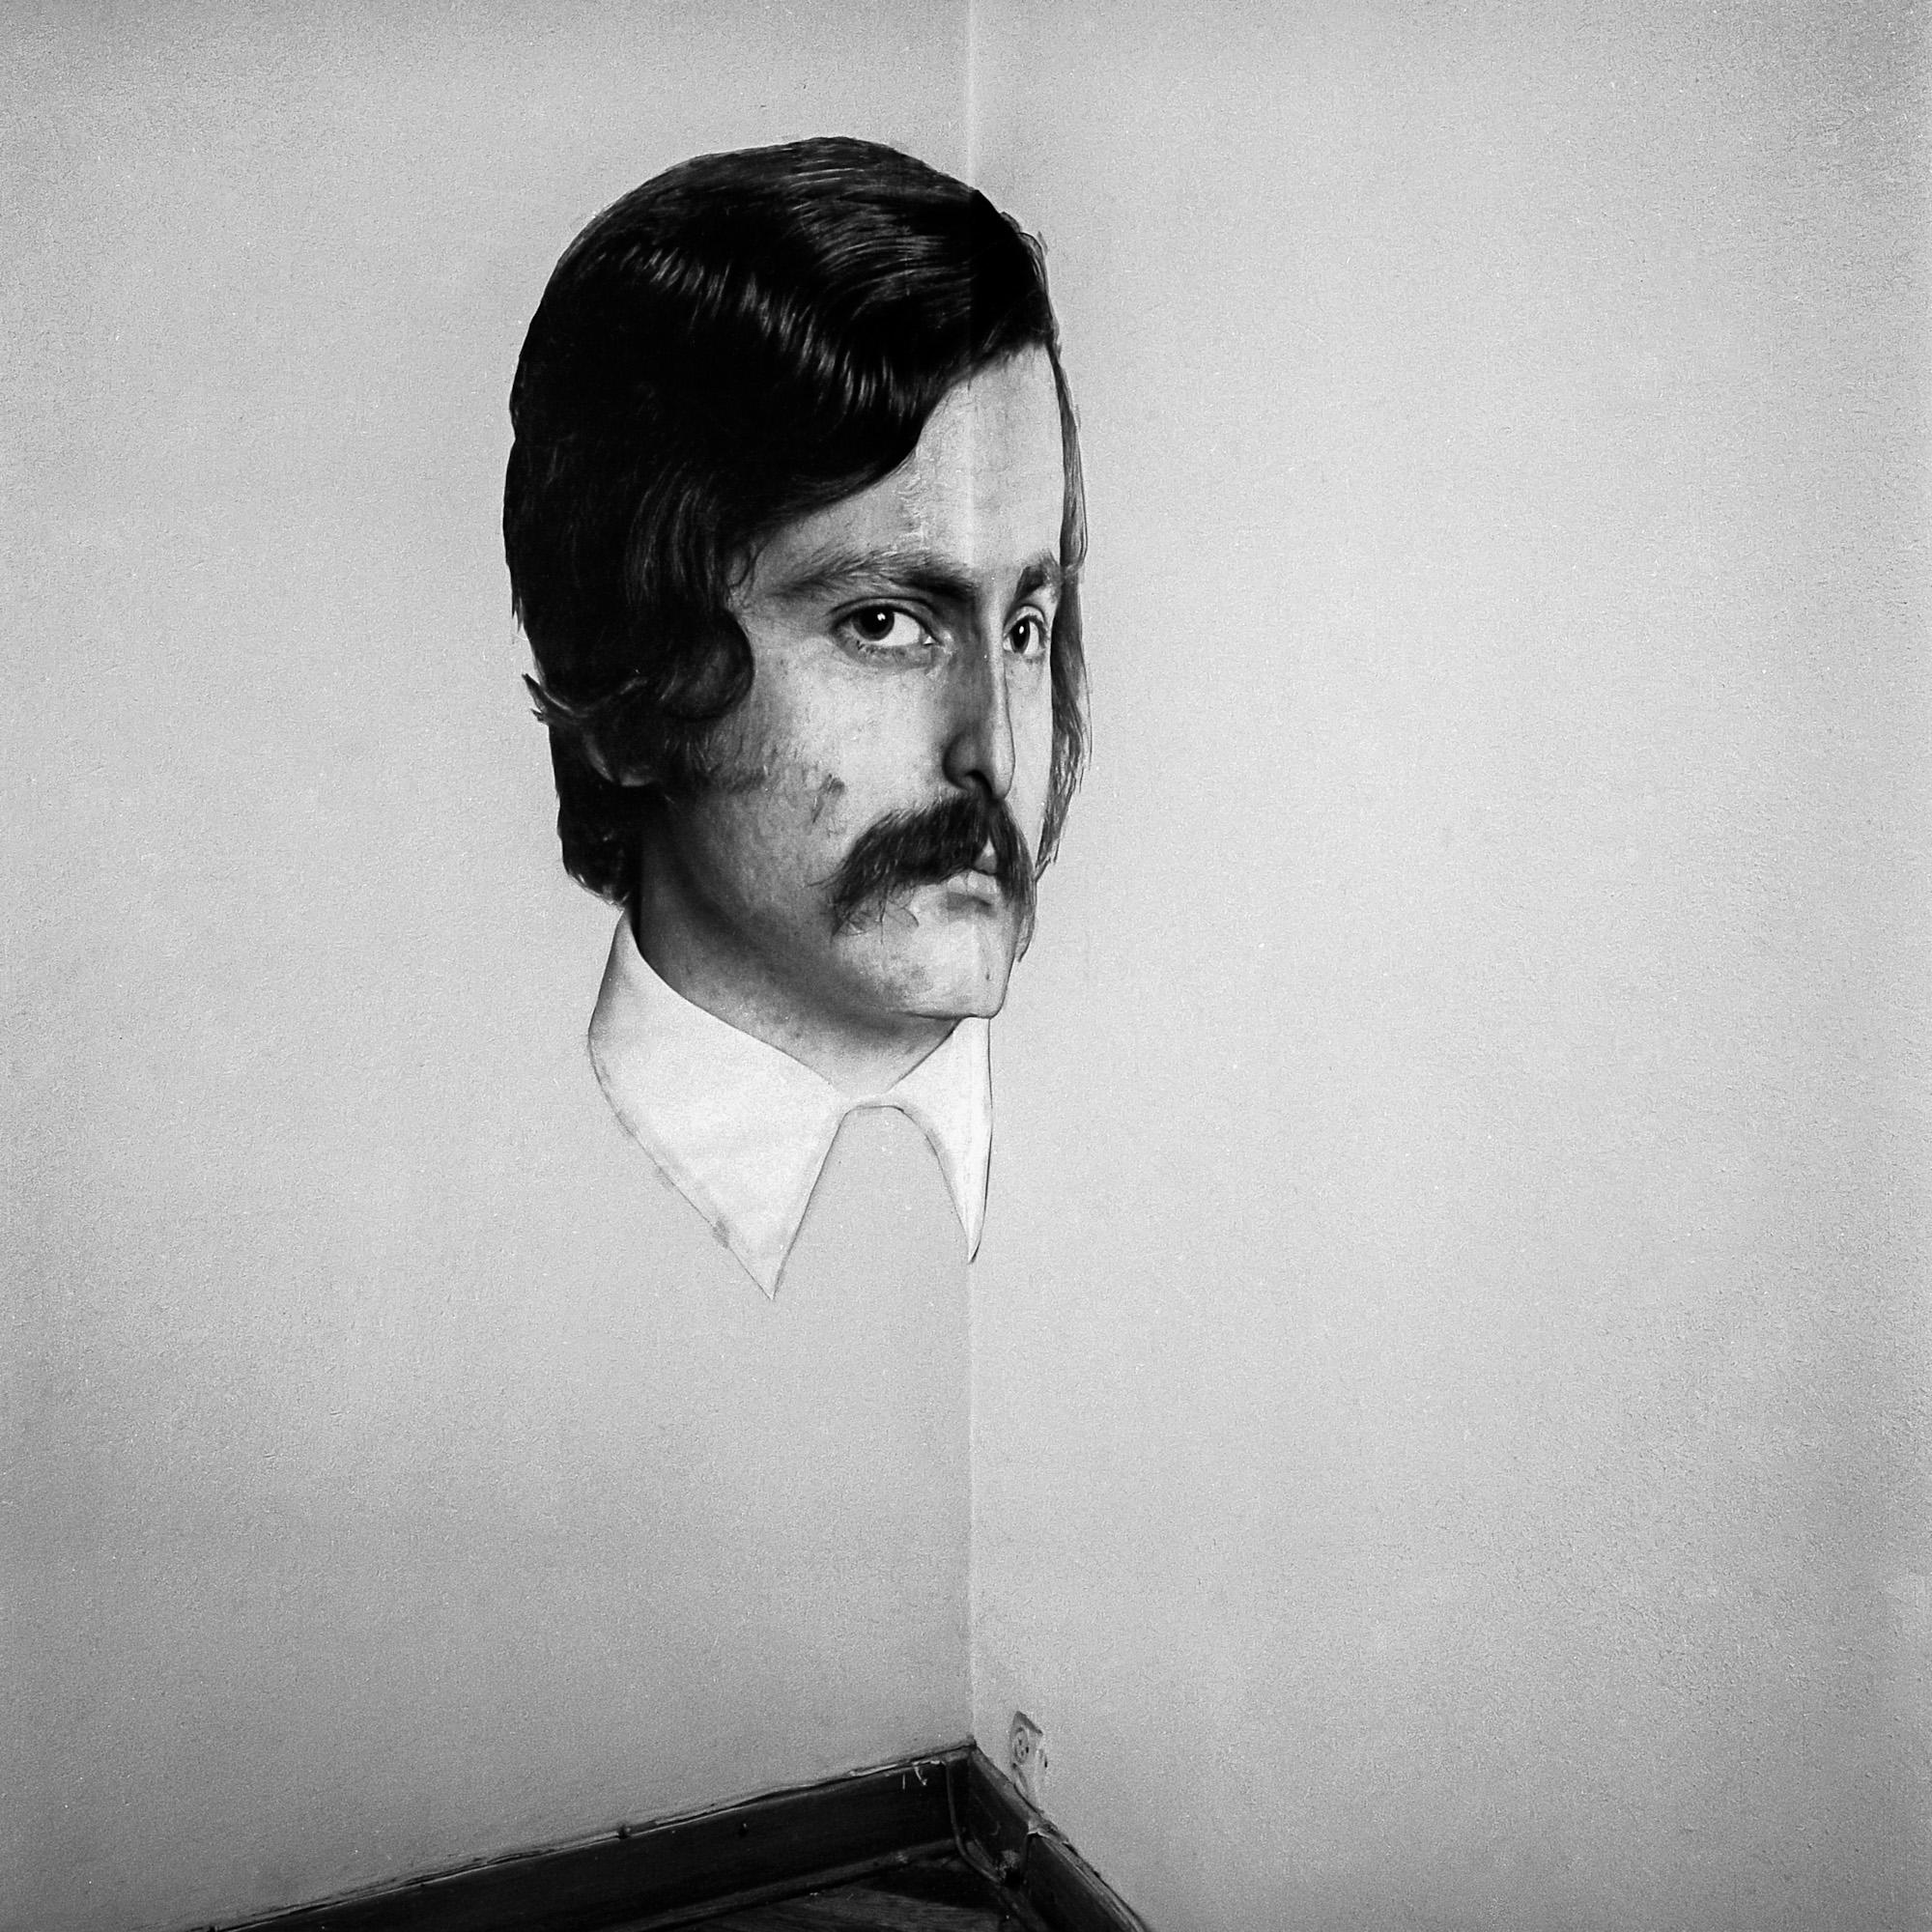 Krzysztof Wodiczko, Autoportret, Galeria Akumulatory 2, 1974